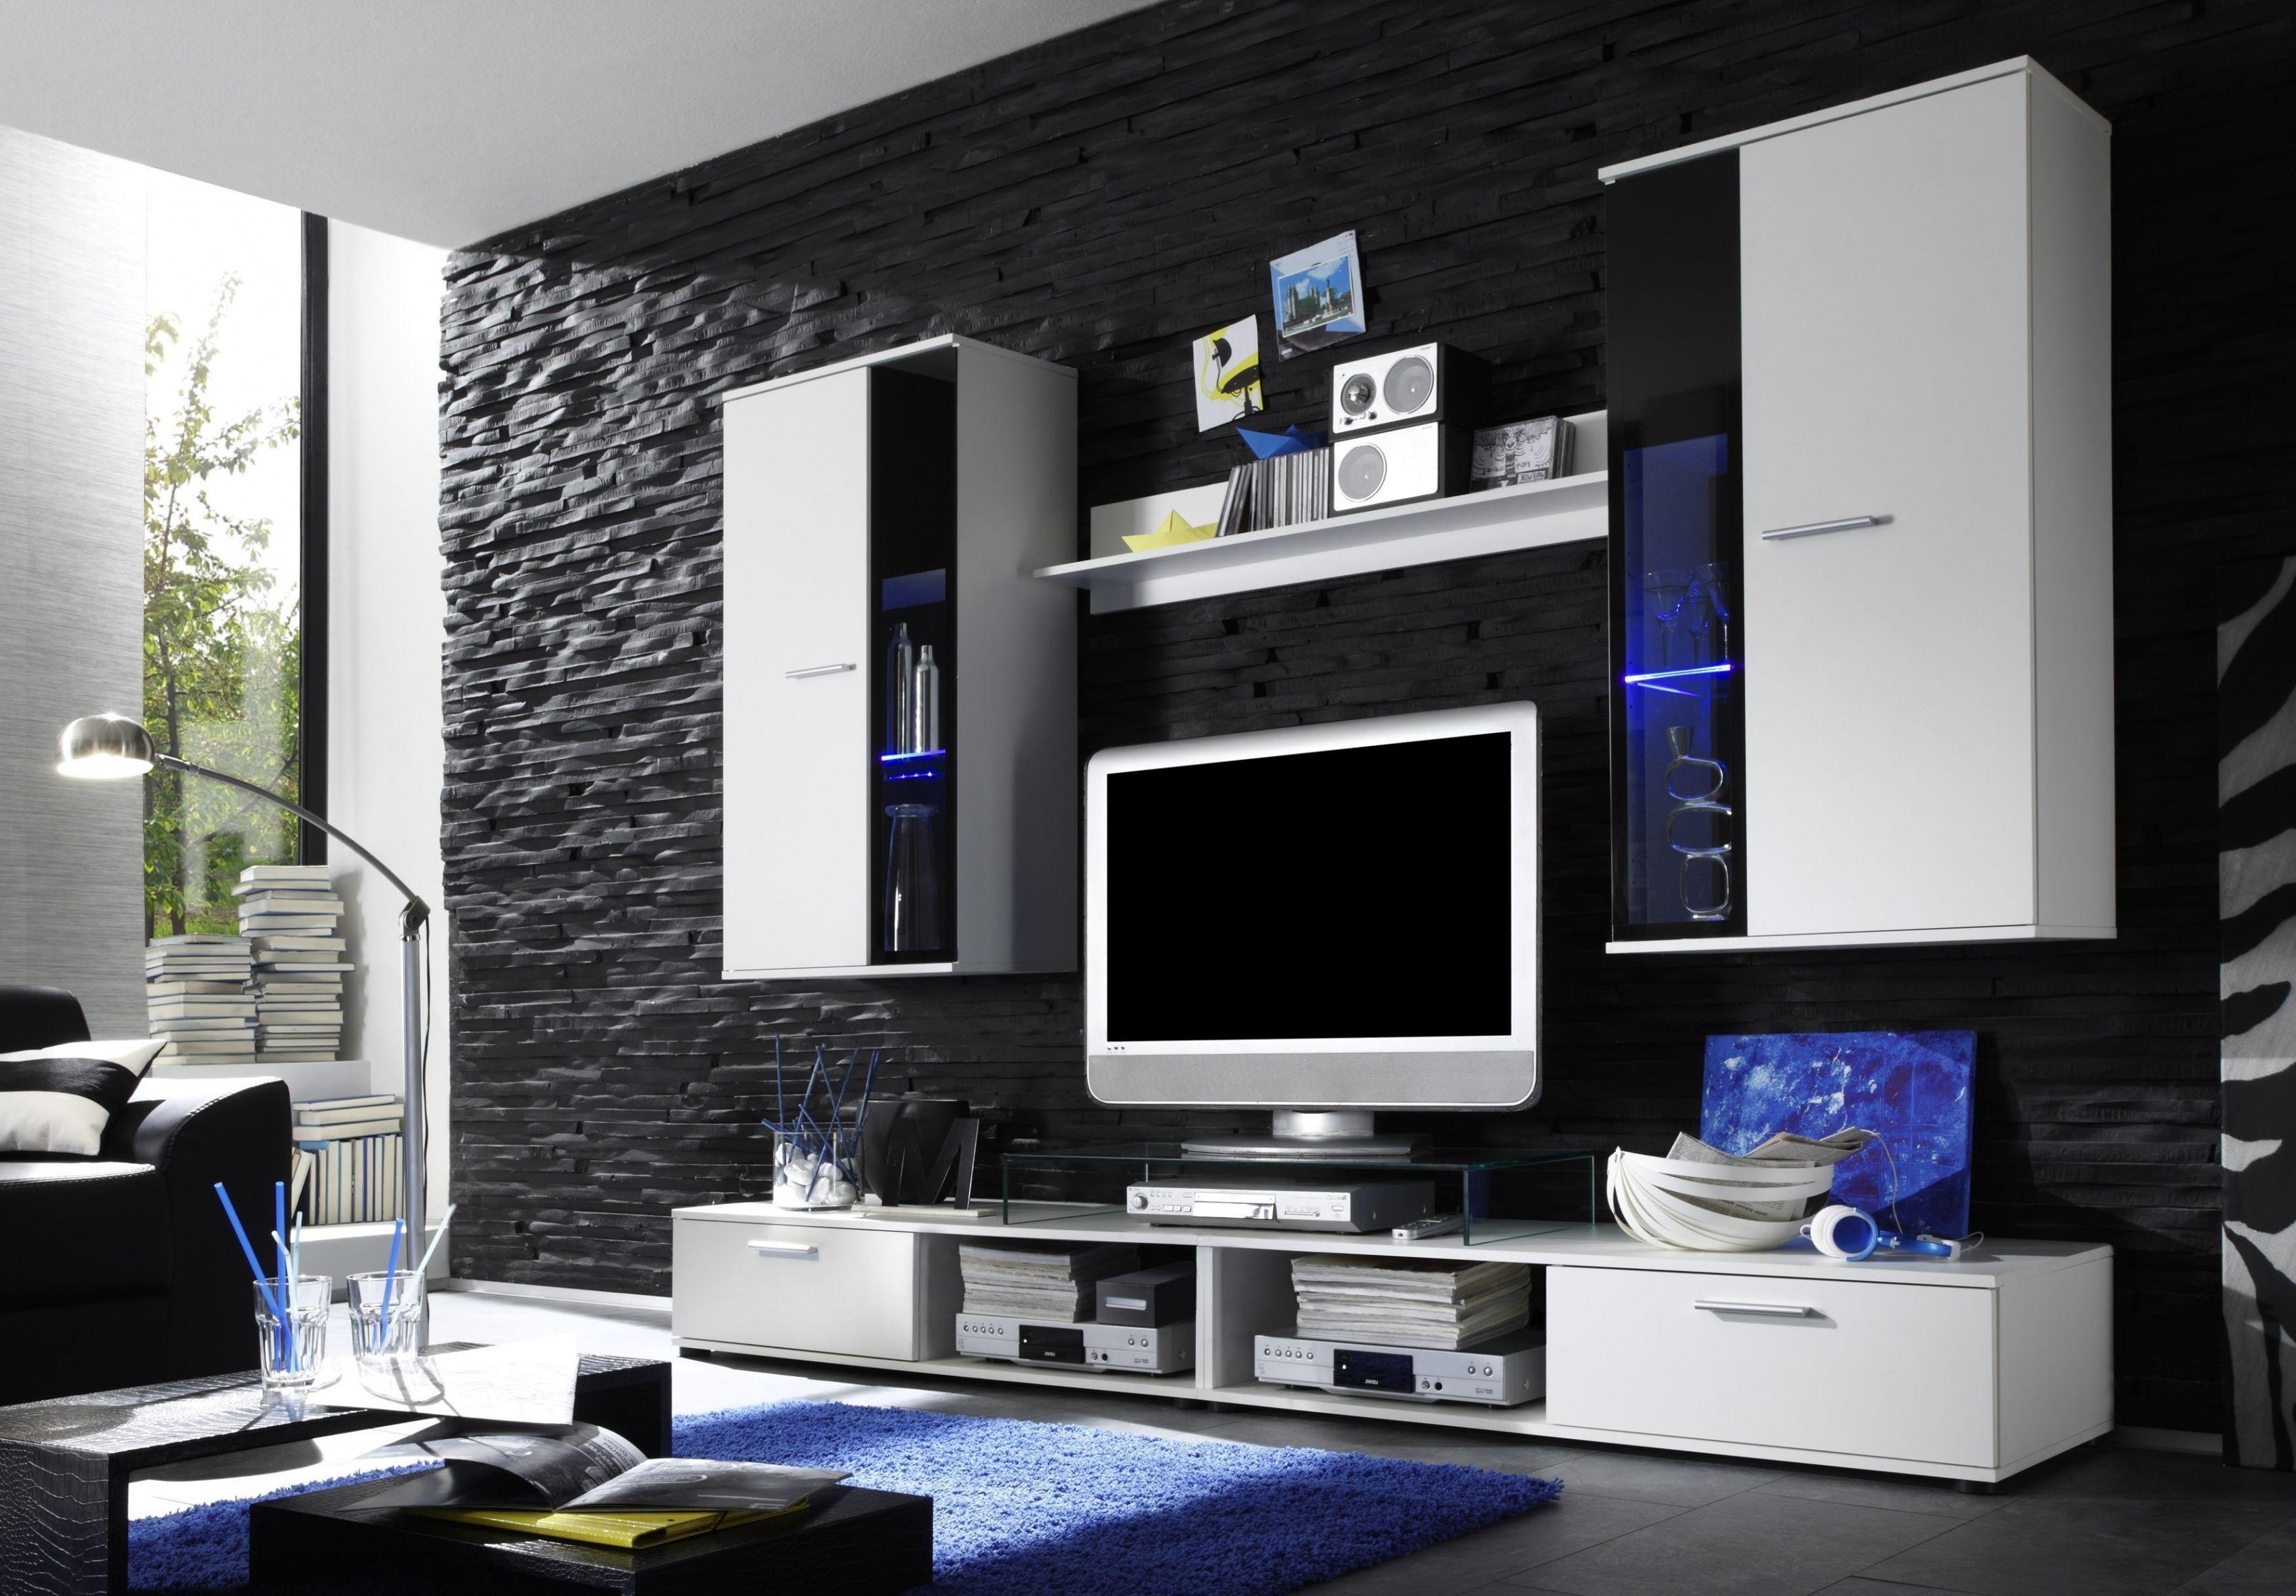 Neueste Wohnzimmer Bilder Schwarz Weiss | Wohnzimmer ideen ...